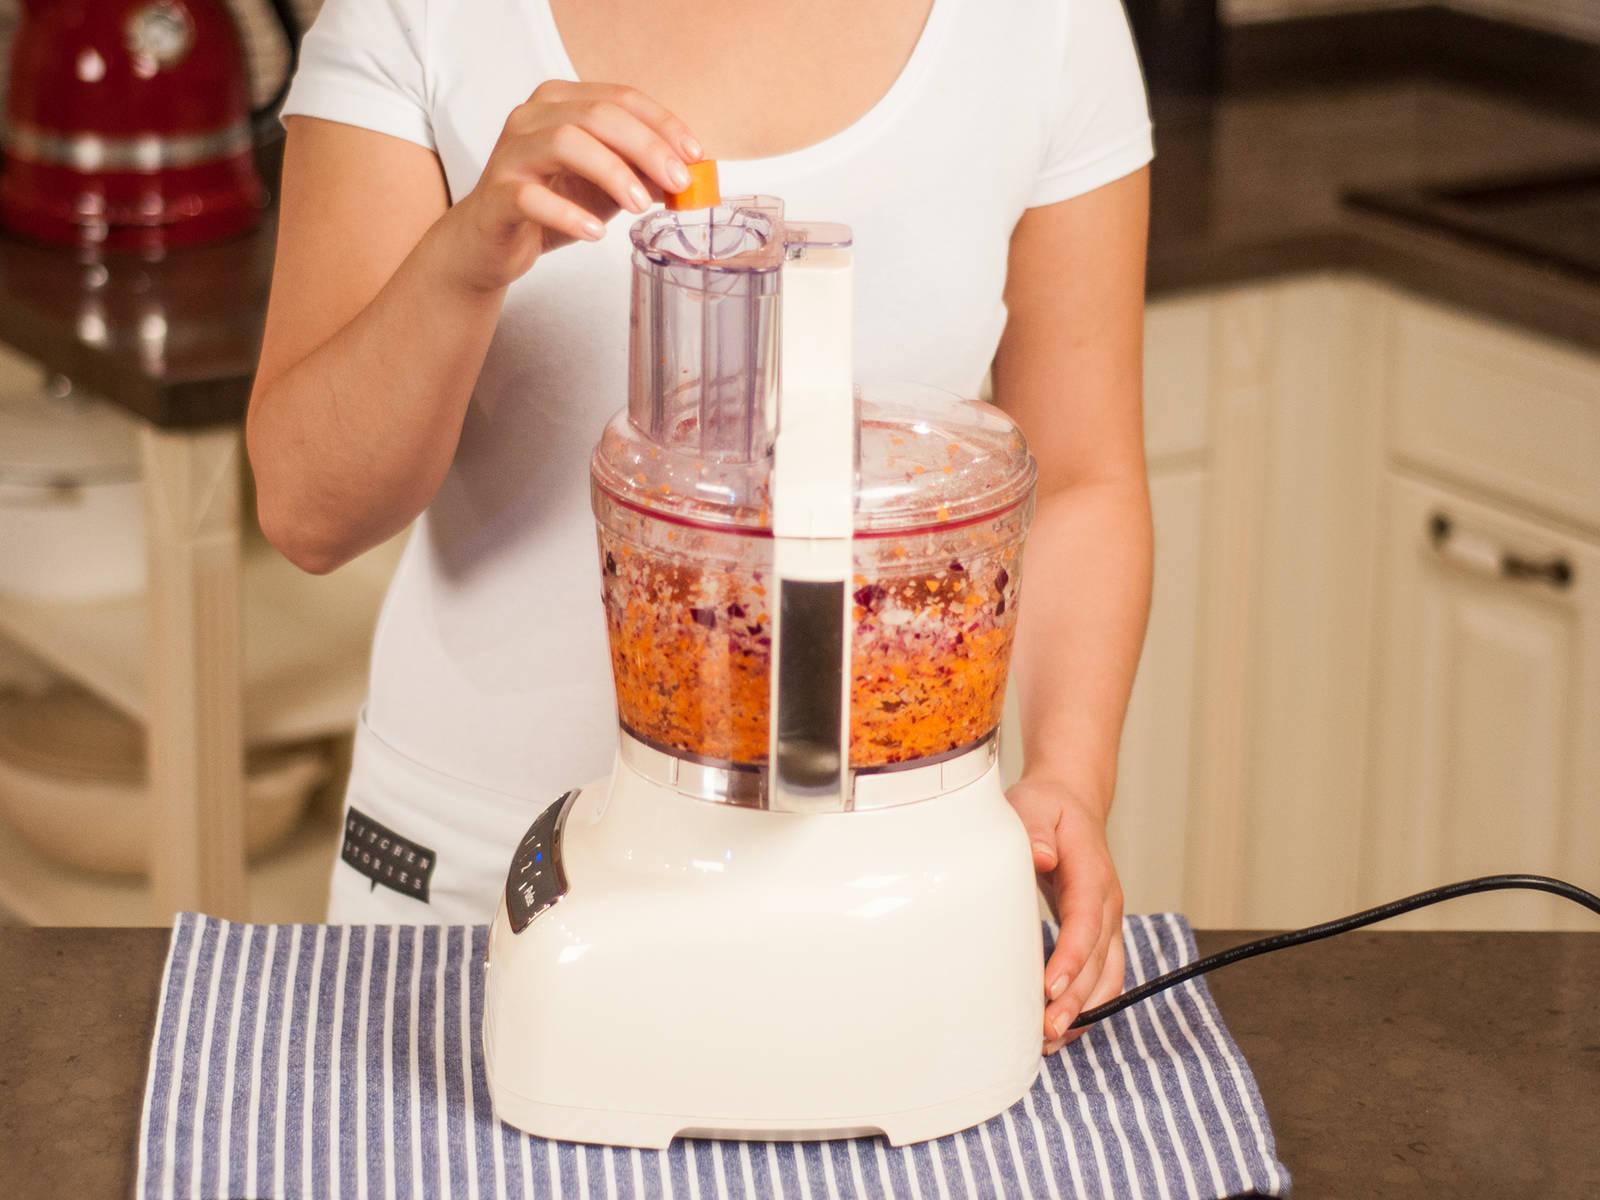 将扁豆、大蒜、小米、豌豆、洋葱和胡萝卜放入食品加工机中搅打。